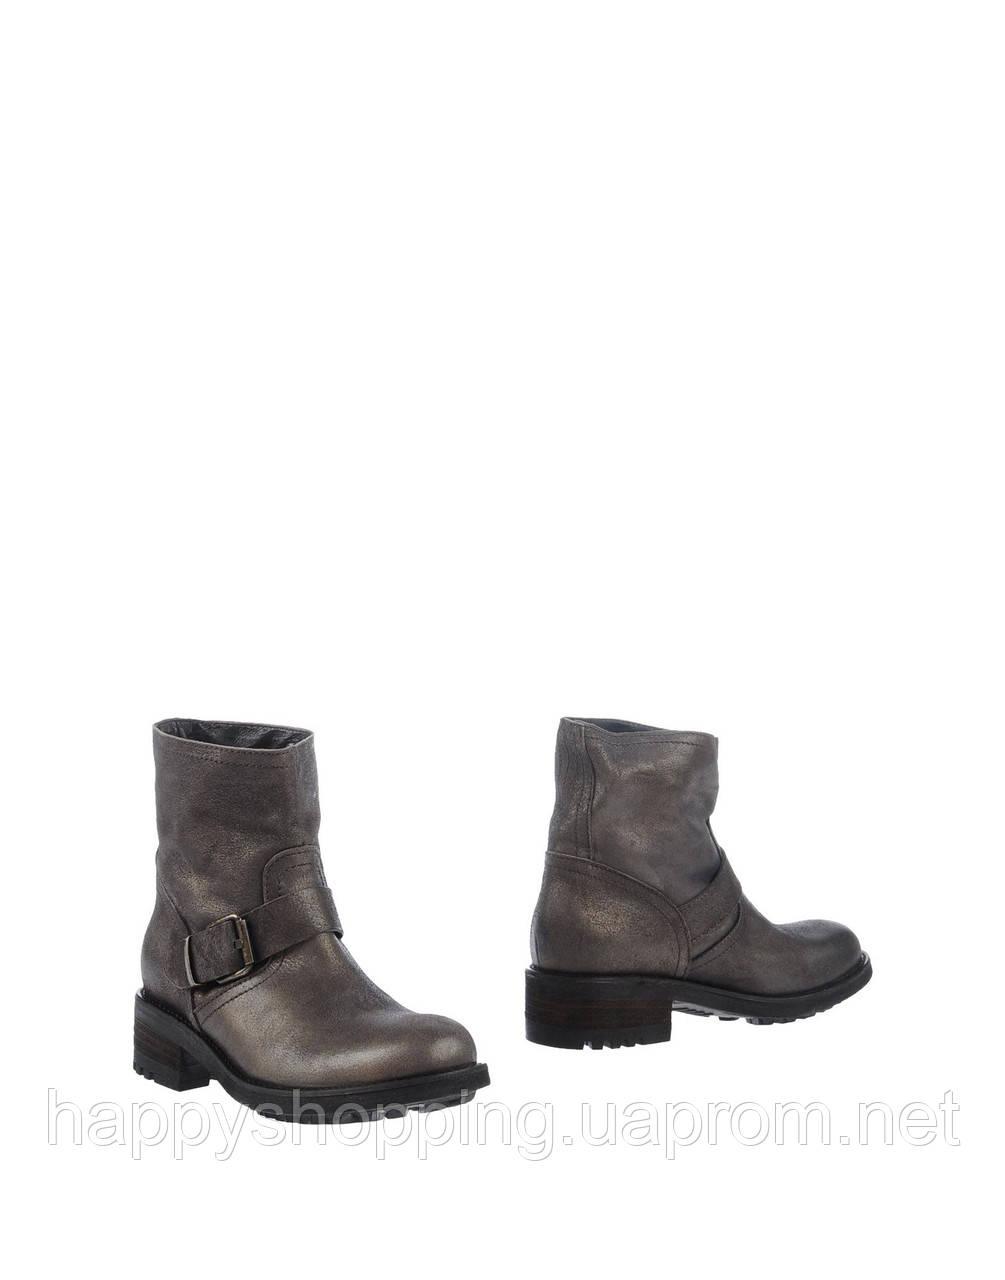 Женские итальянские стильные  бронзовые ботинки  Mally из натуральной кожи